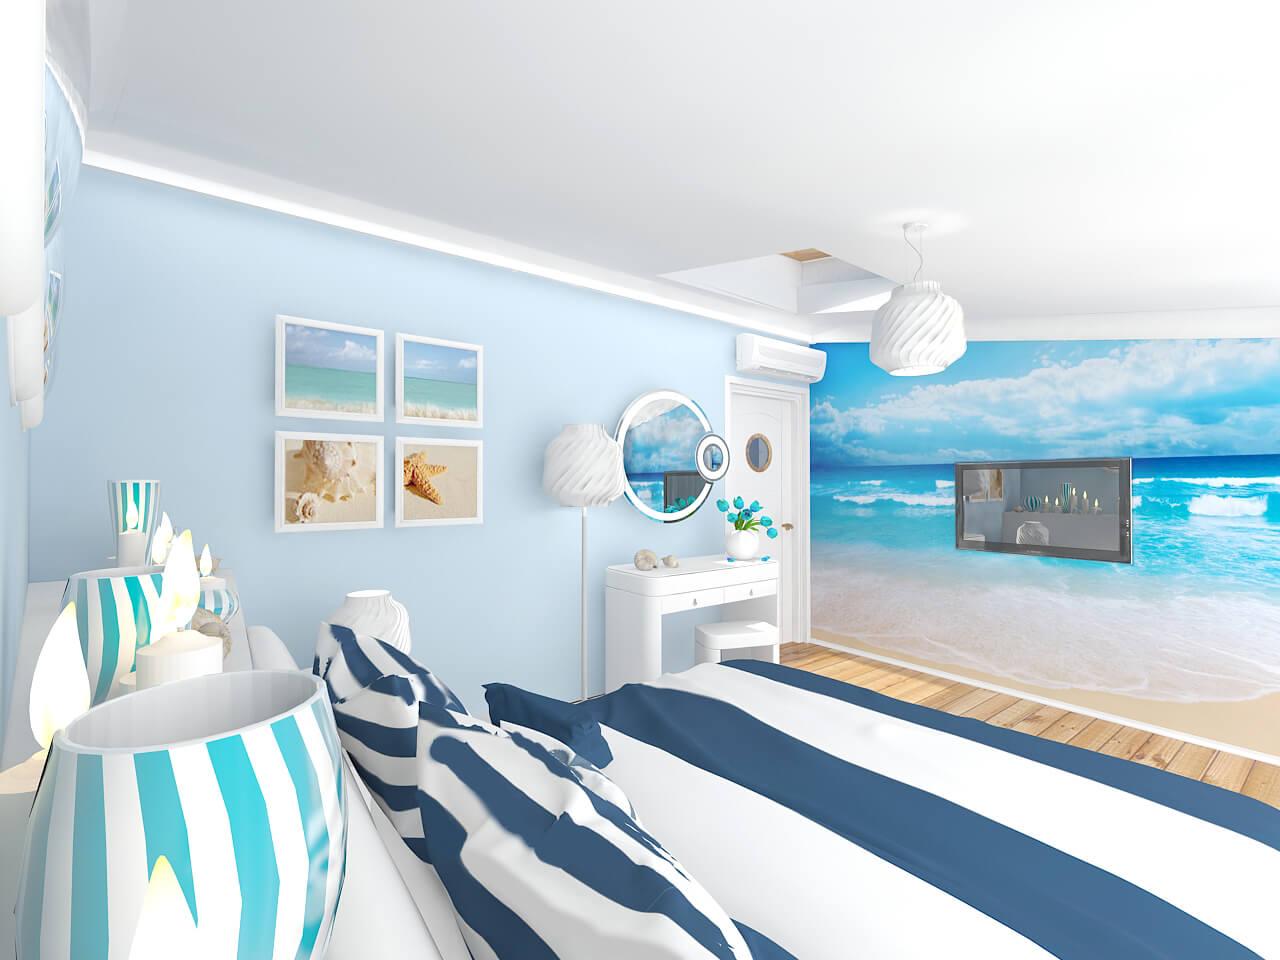 Картинки комнат в морском стиле далее чуть